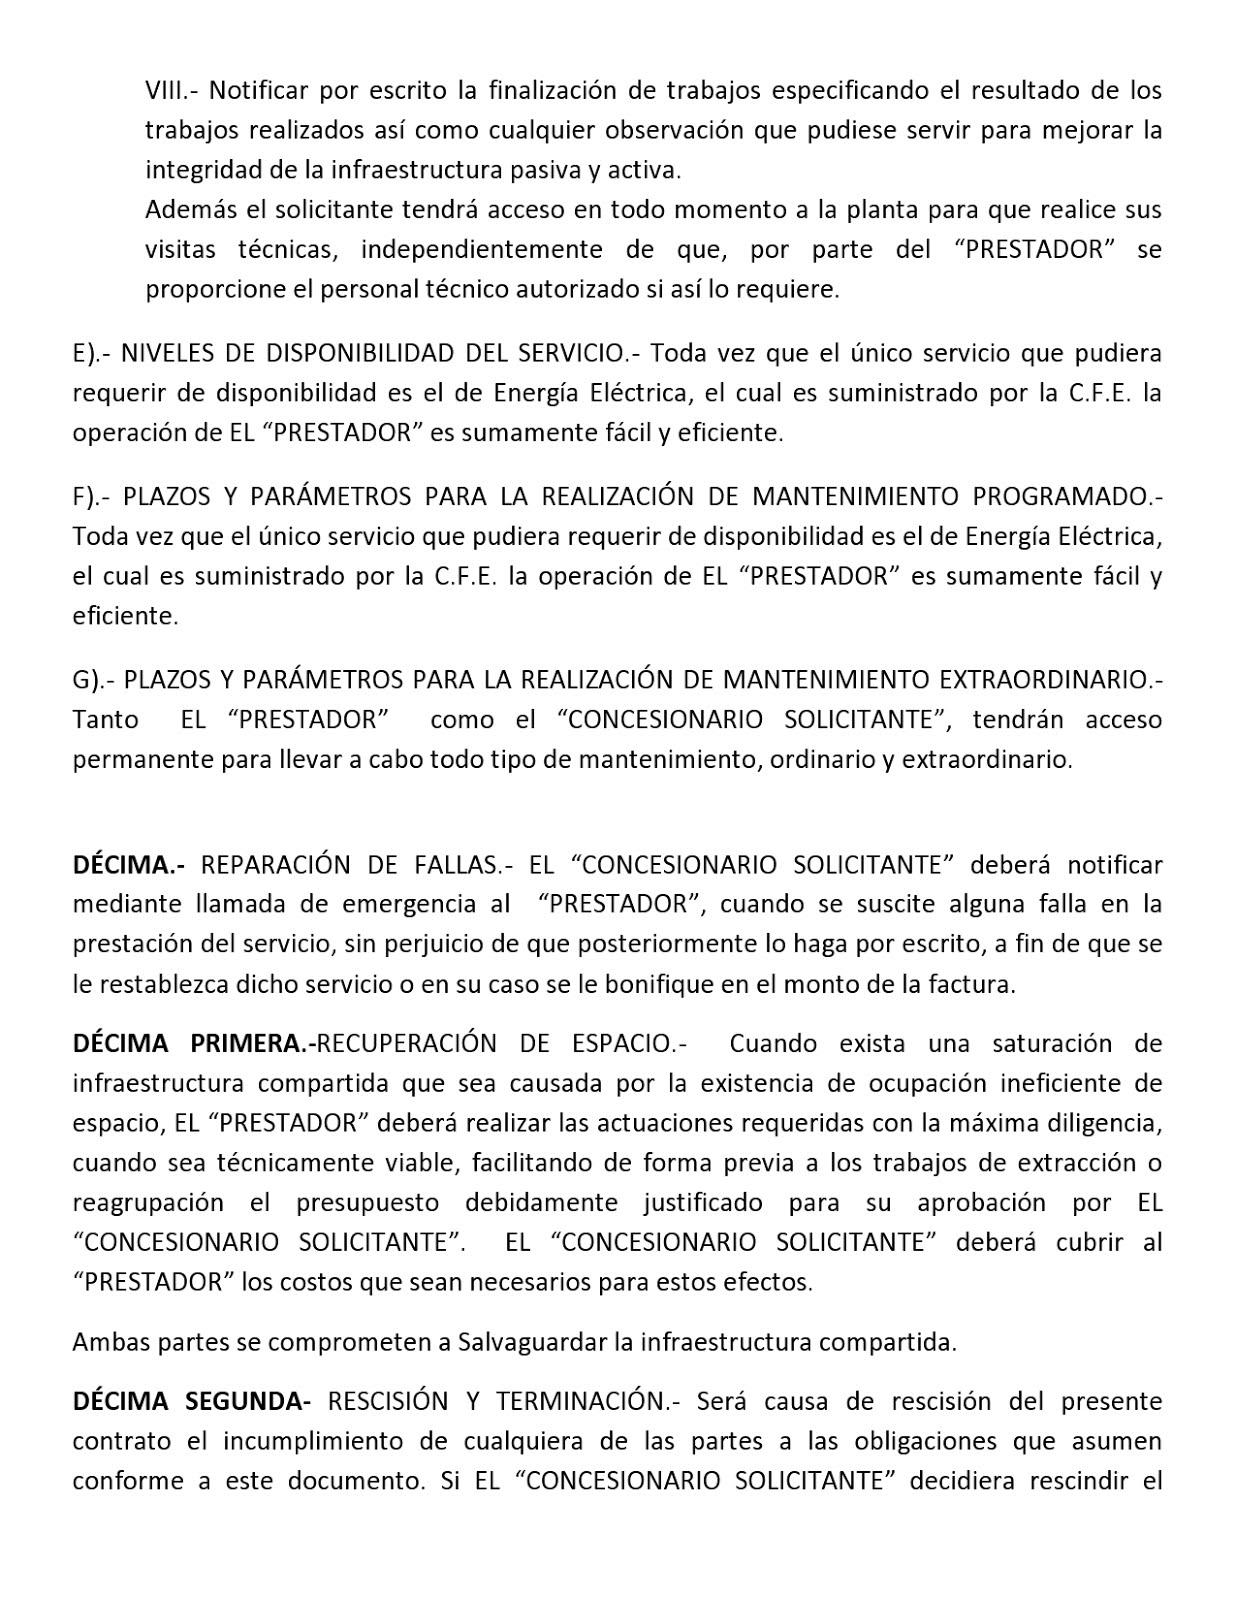 Oferta de la Red Pública 09